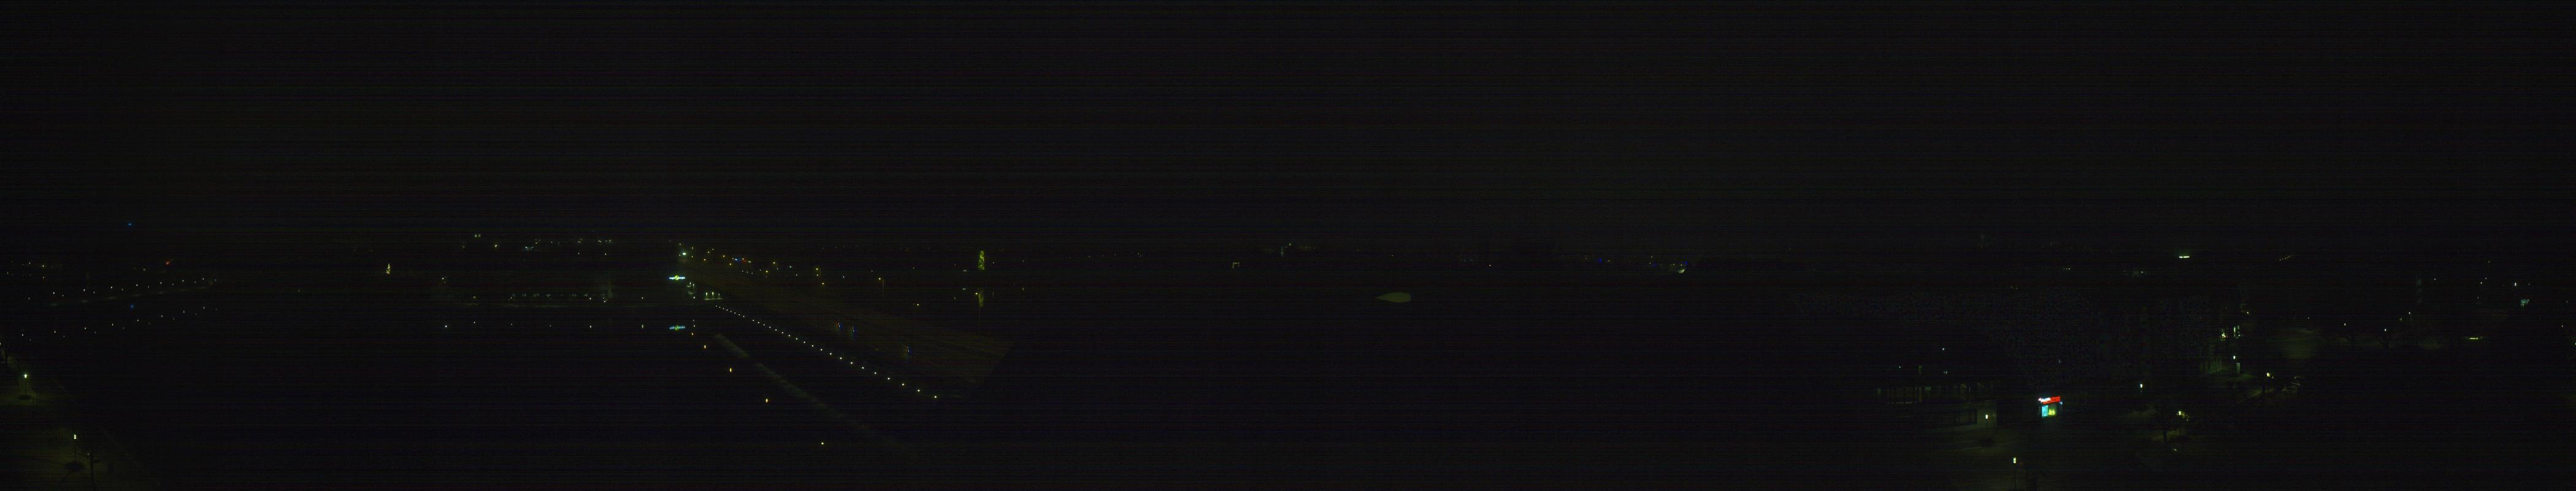 35h ago - 06:00